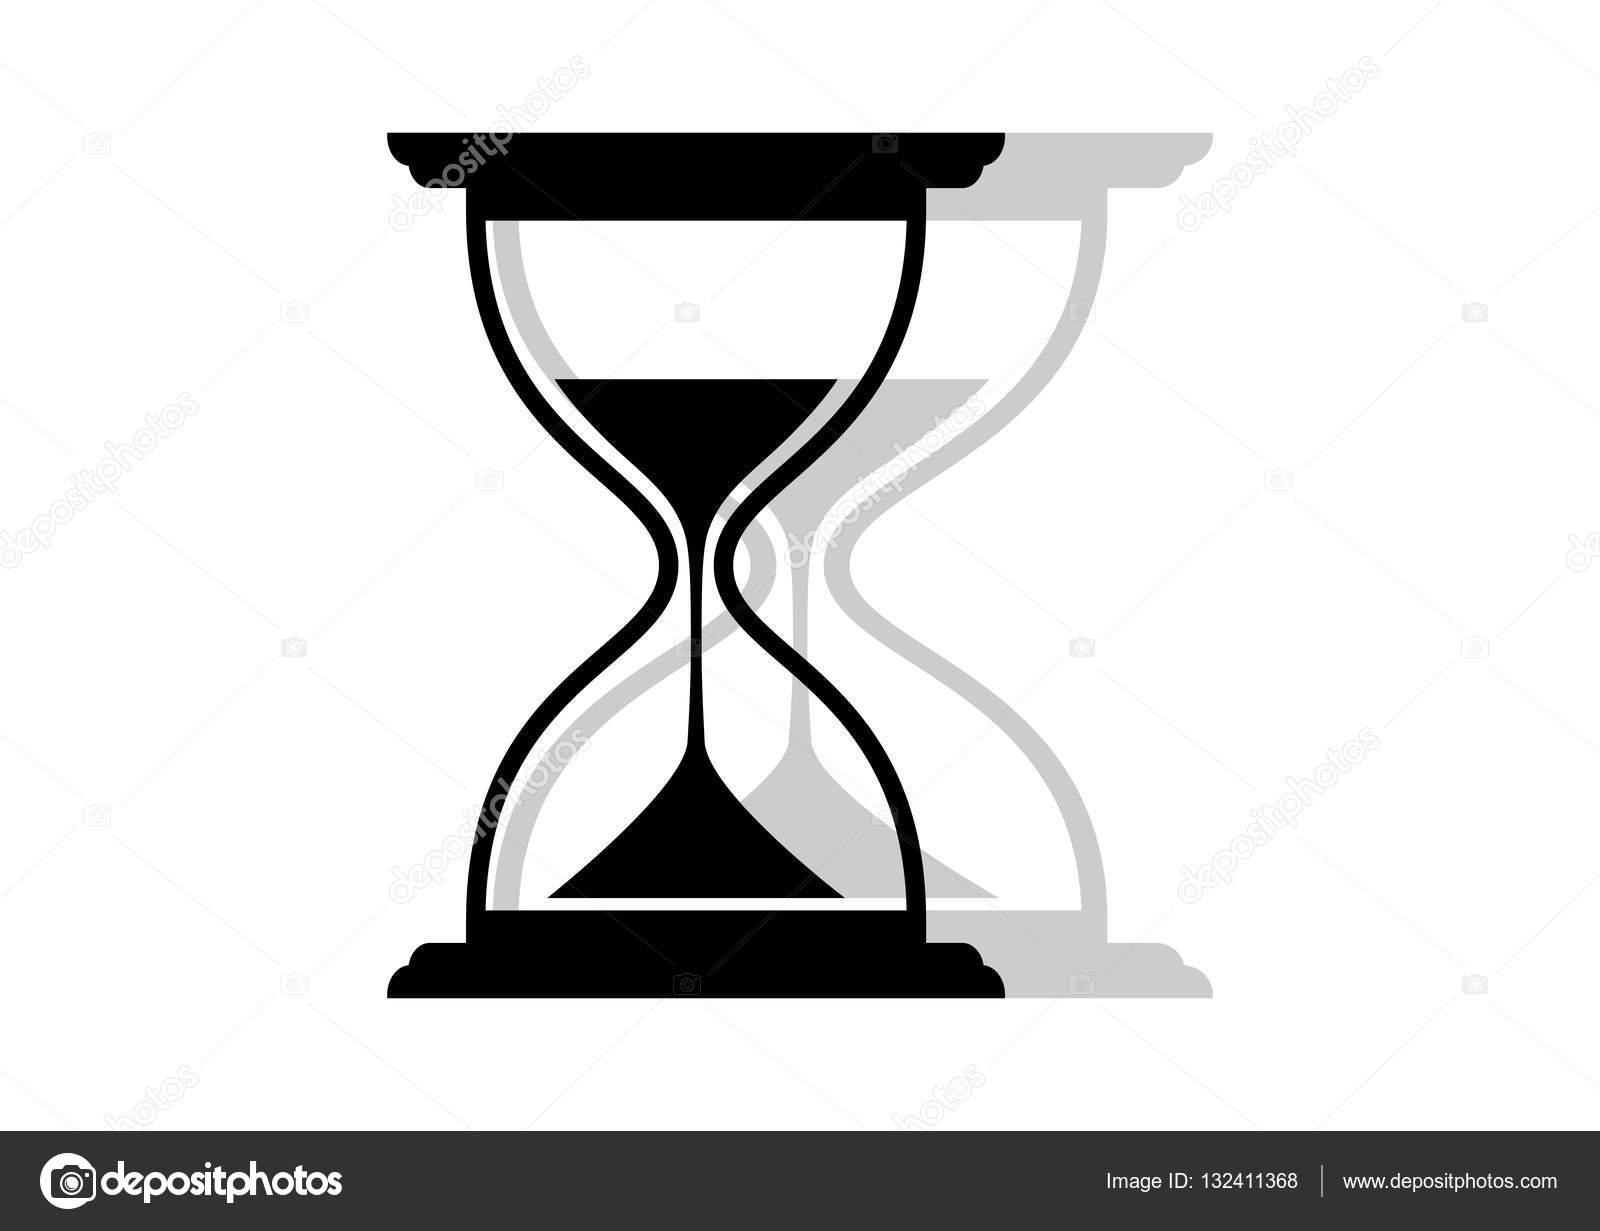 Icono Reloj De Arena Y Negro Sobre Fondo Blanco Vector De Stock